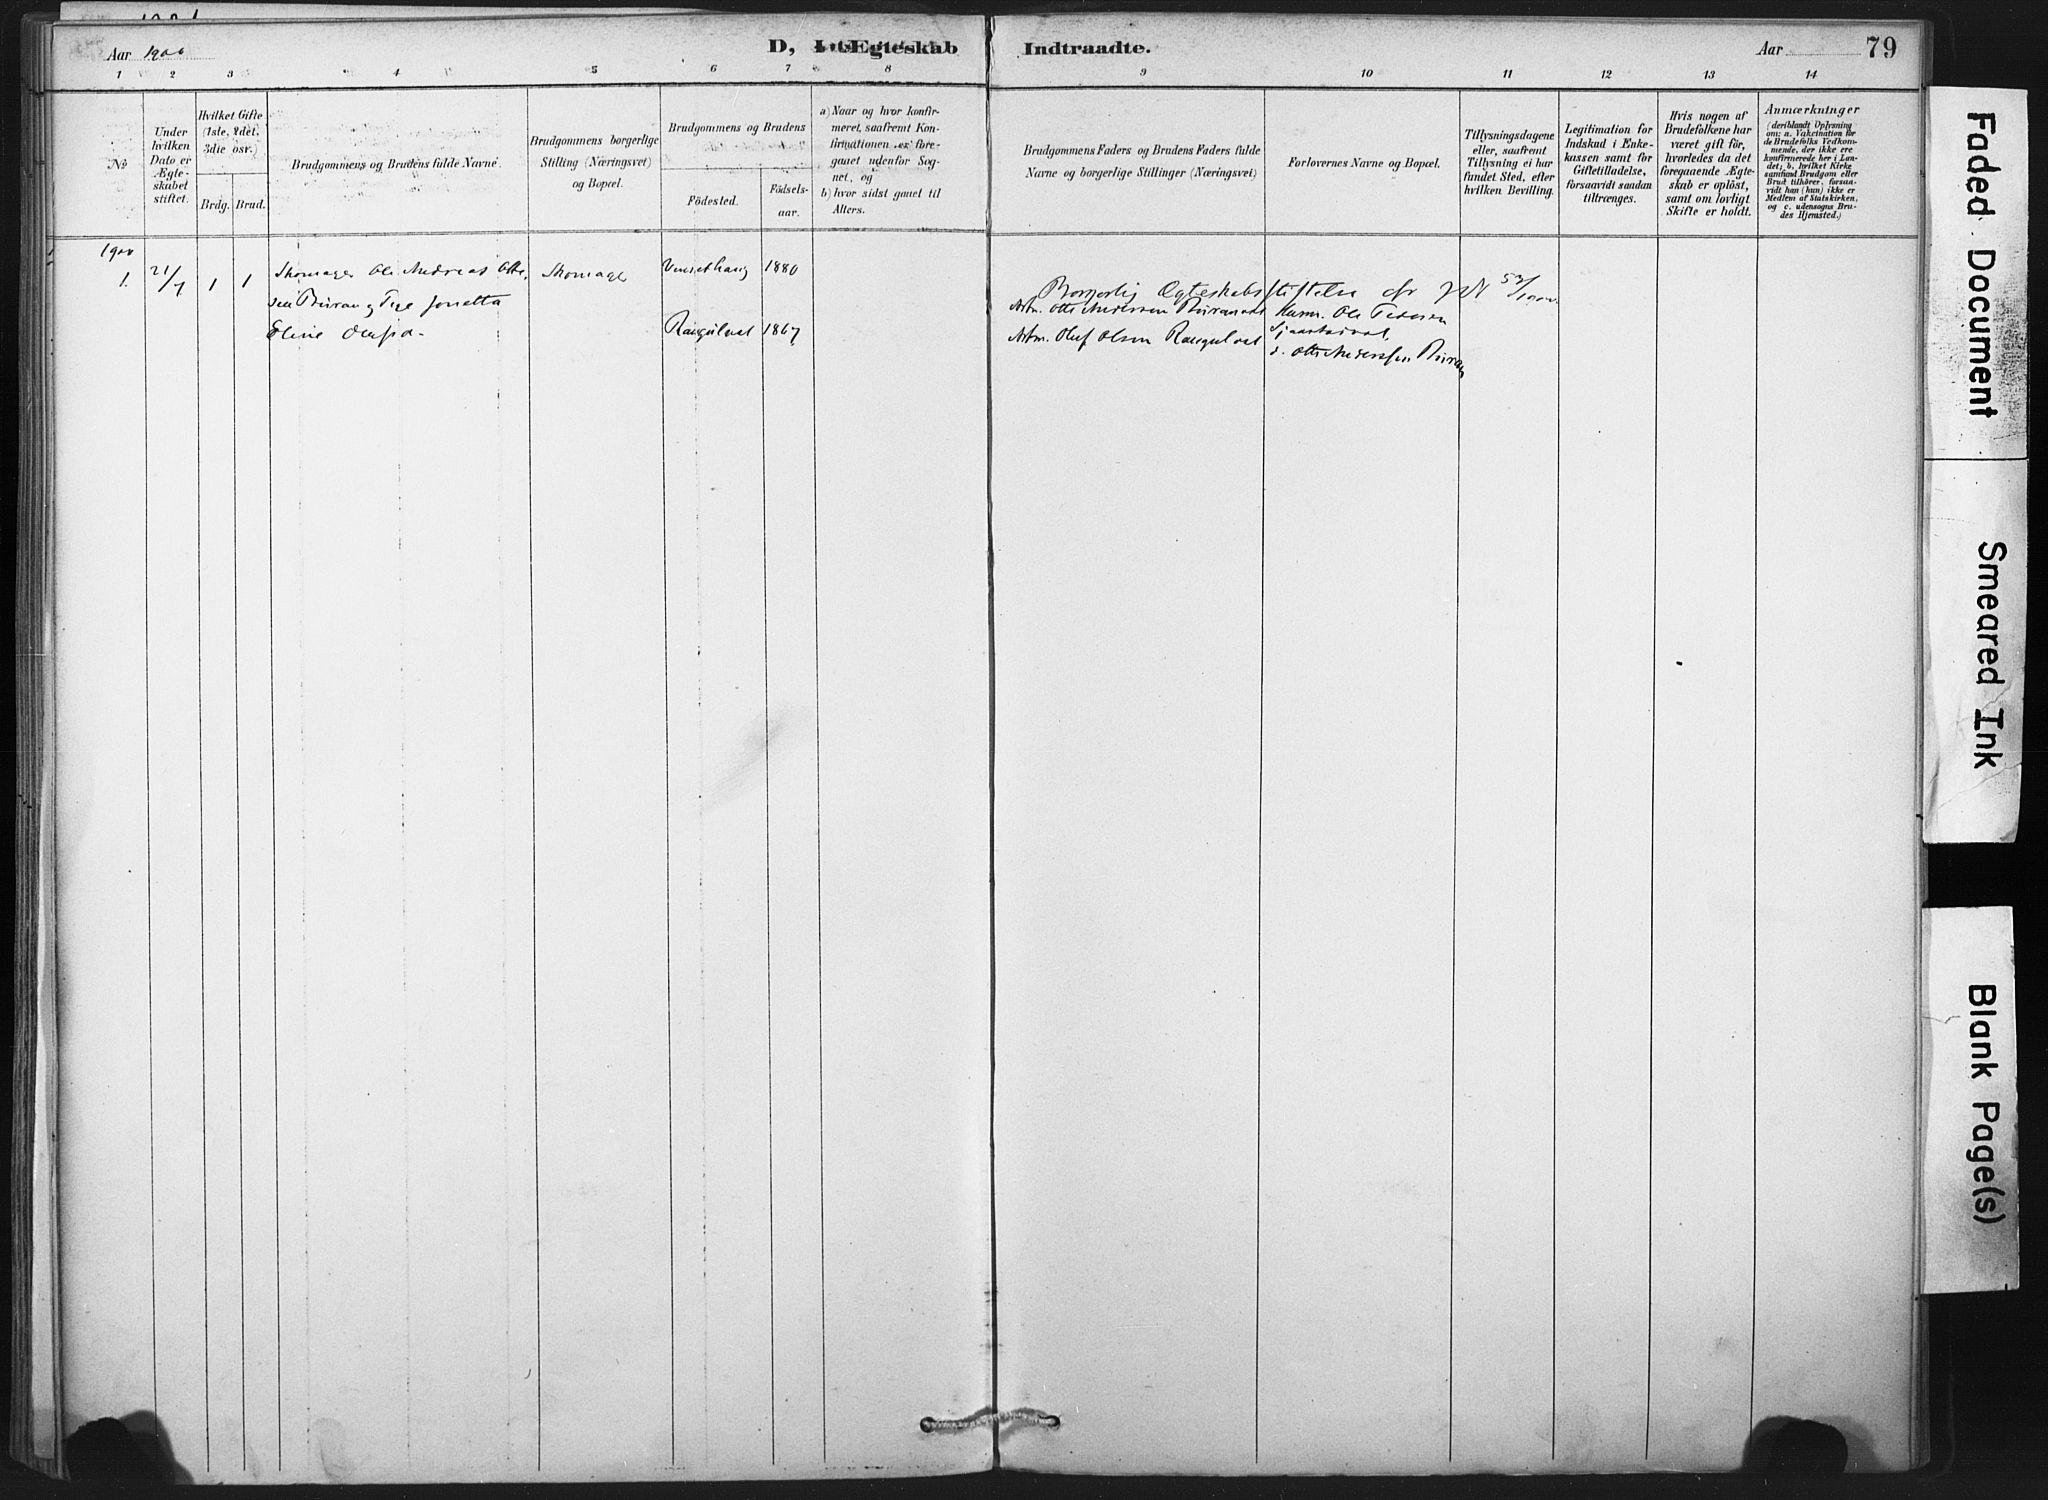 SAT, Ministerialprotokoller, klokkerbøker og fødselsregistre - Nord-Trøndelag, 718/L0175: Ministerialbok nr. 718A01, 1890-1923, s. 79